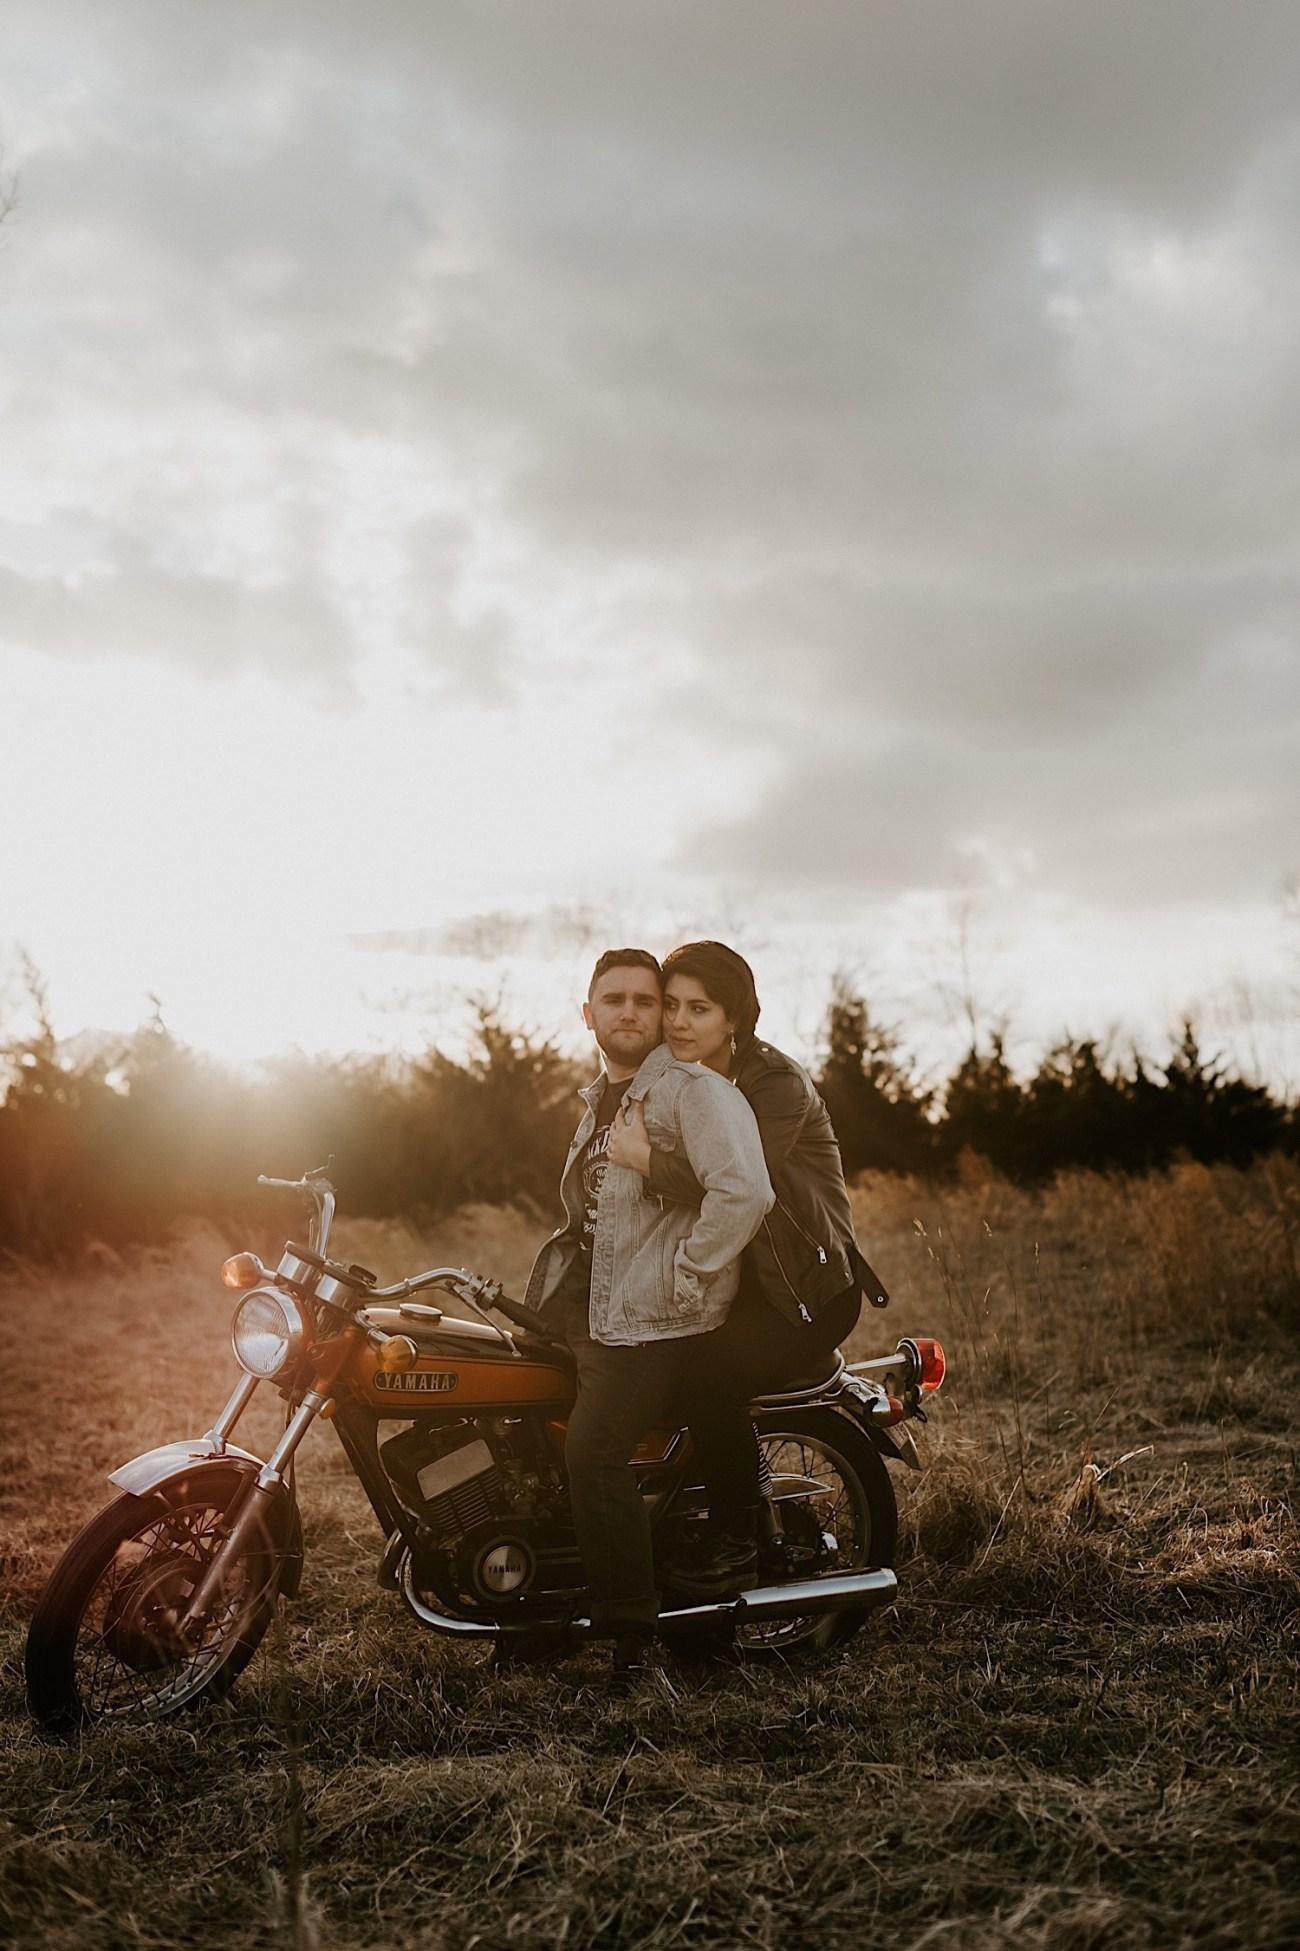 Motorcycle Ecouple Session Winter Couple Session NJ Wedding Photographer 2462